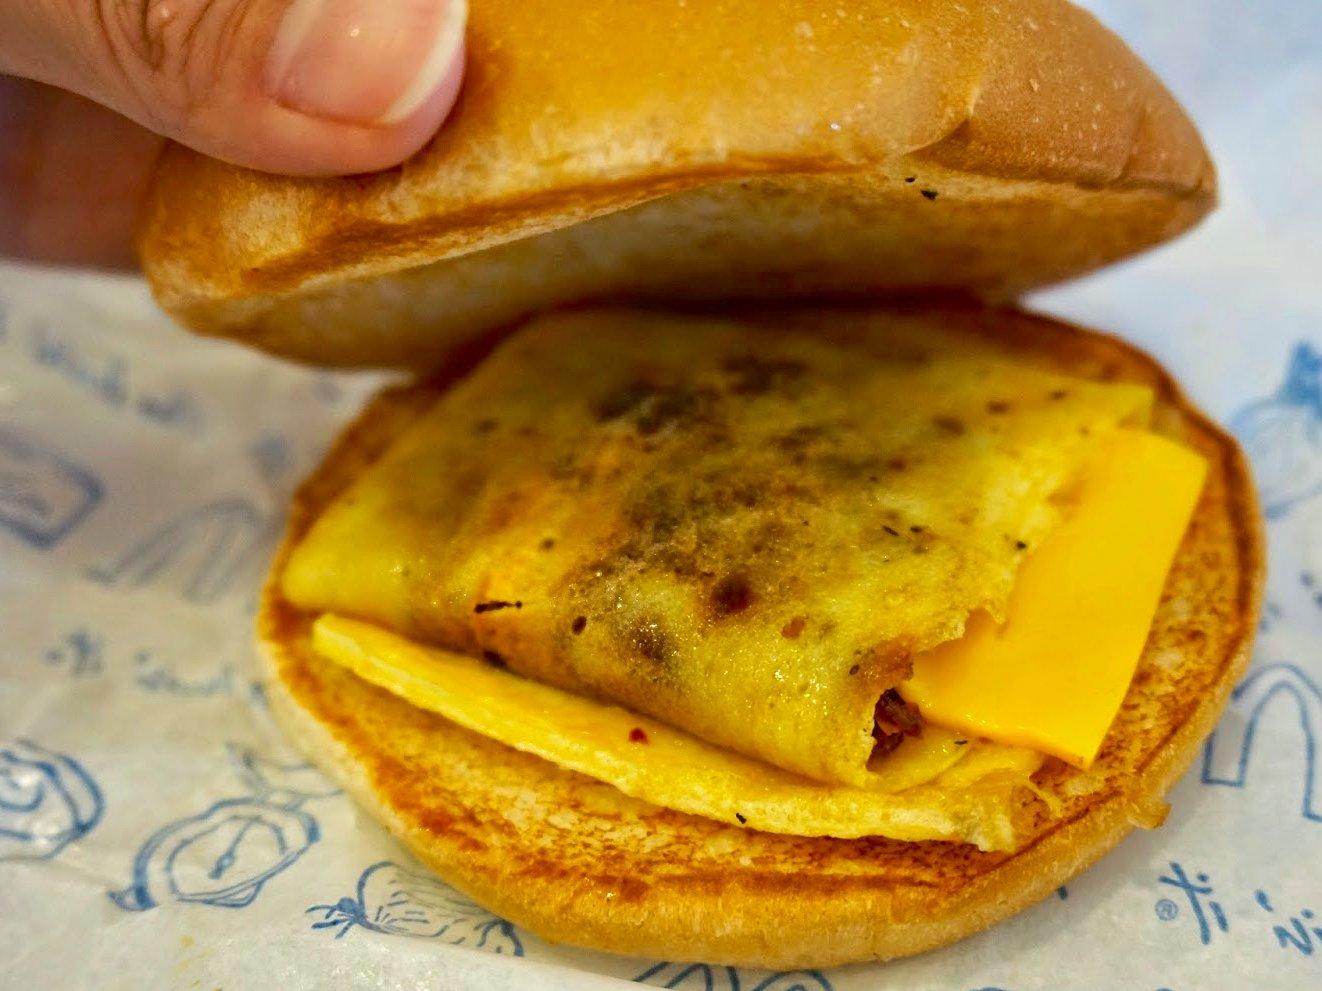 spanish-omelette-sandwich-spain